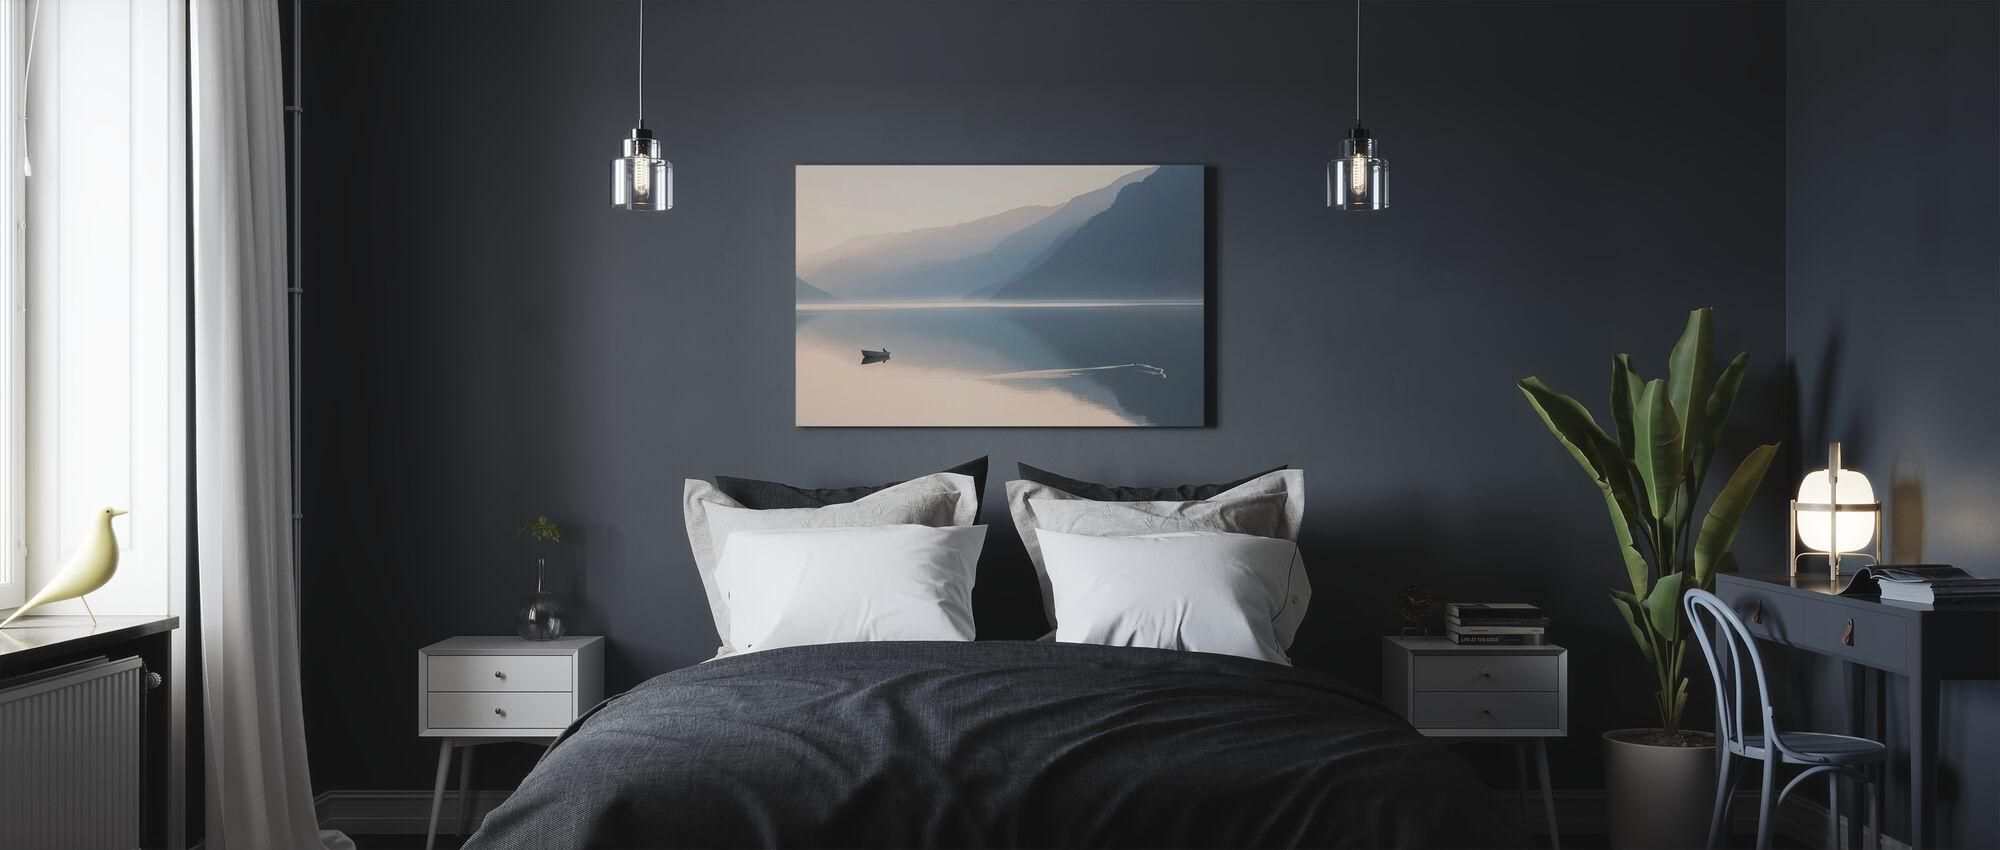 Vielä ilta - Canvastaulu - Makuuhuone